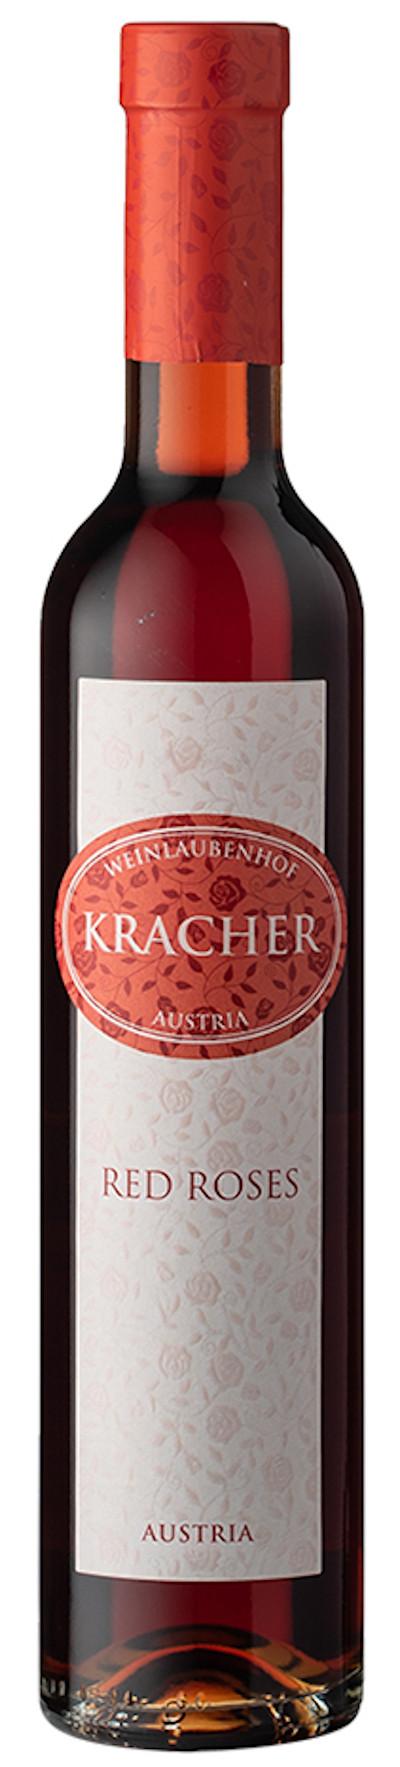 Kracher - Rosenmuskateller Beerenauslese Red Roses